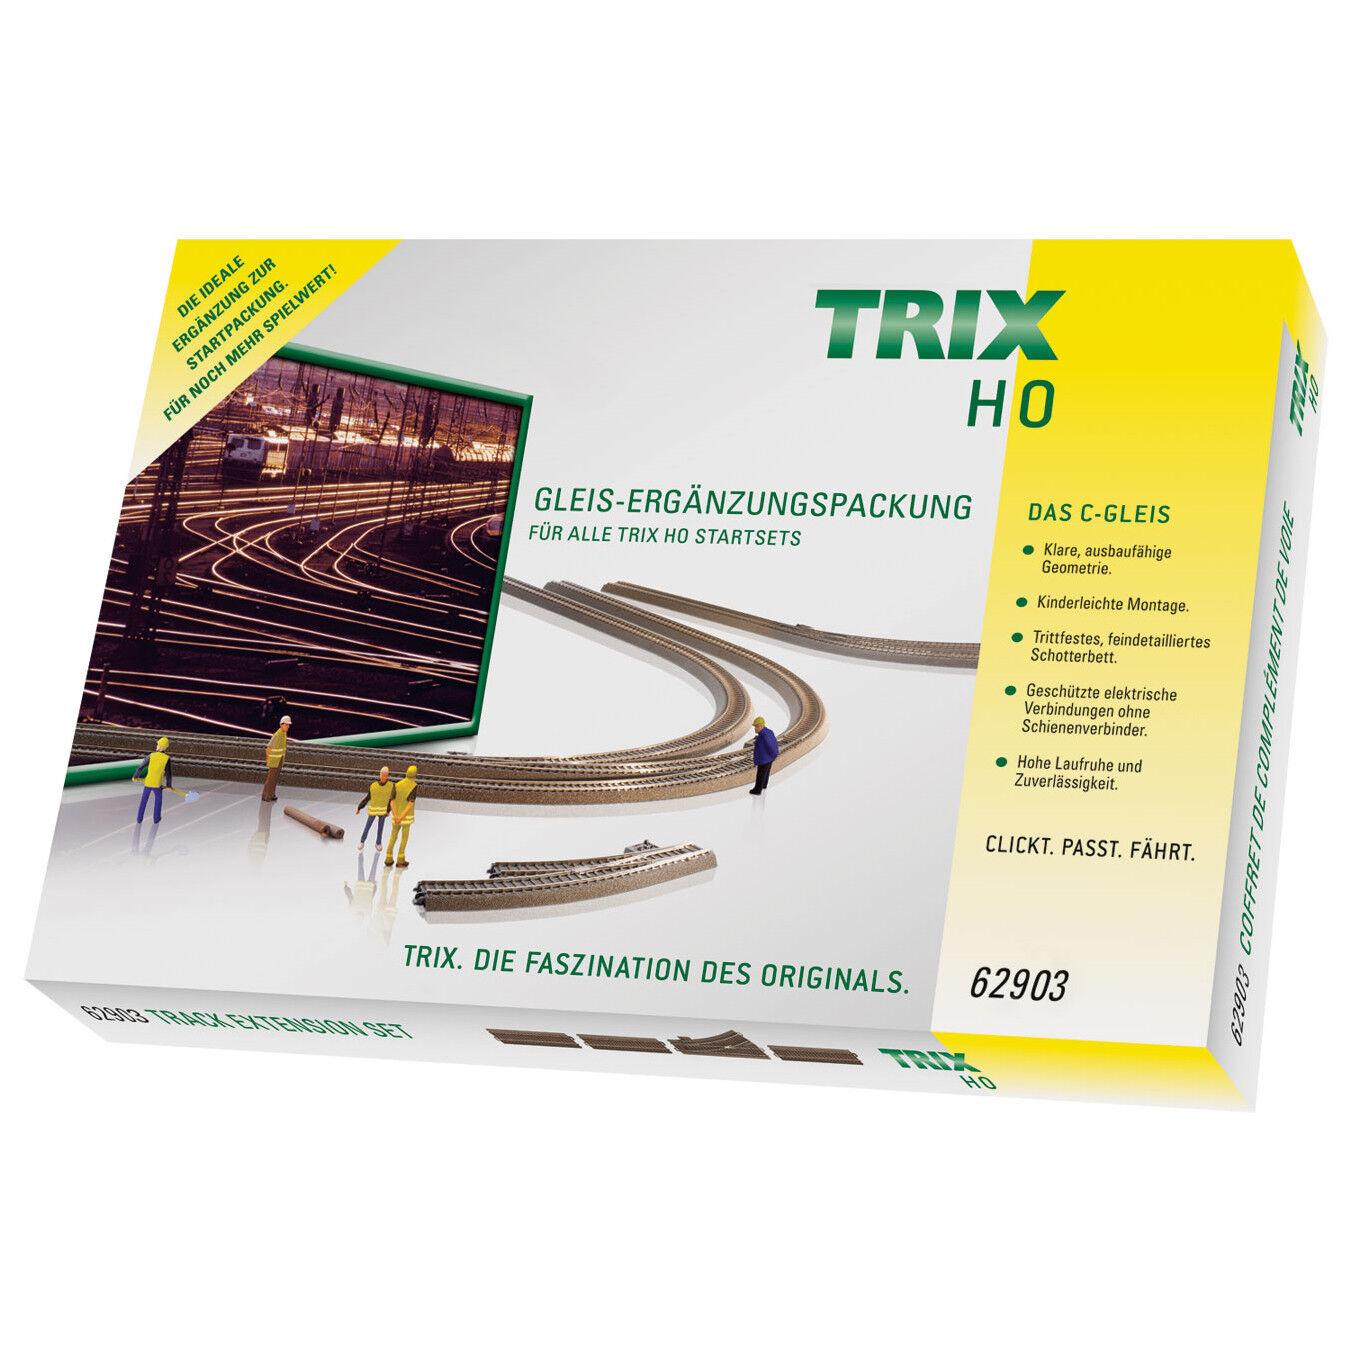 Trix 62903 h0 C-Complemento binario confezione c3 + + NUOVO & OVP + +